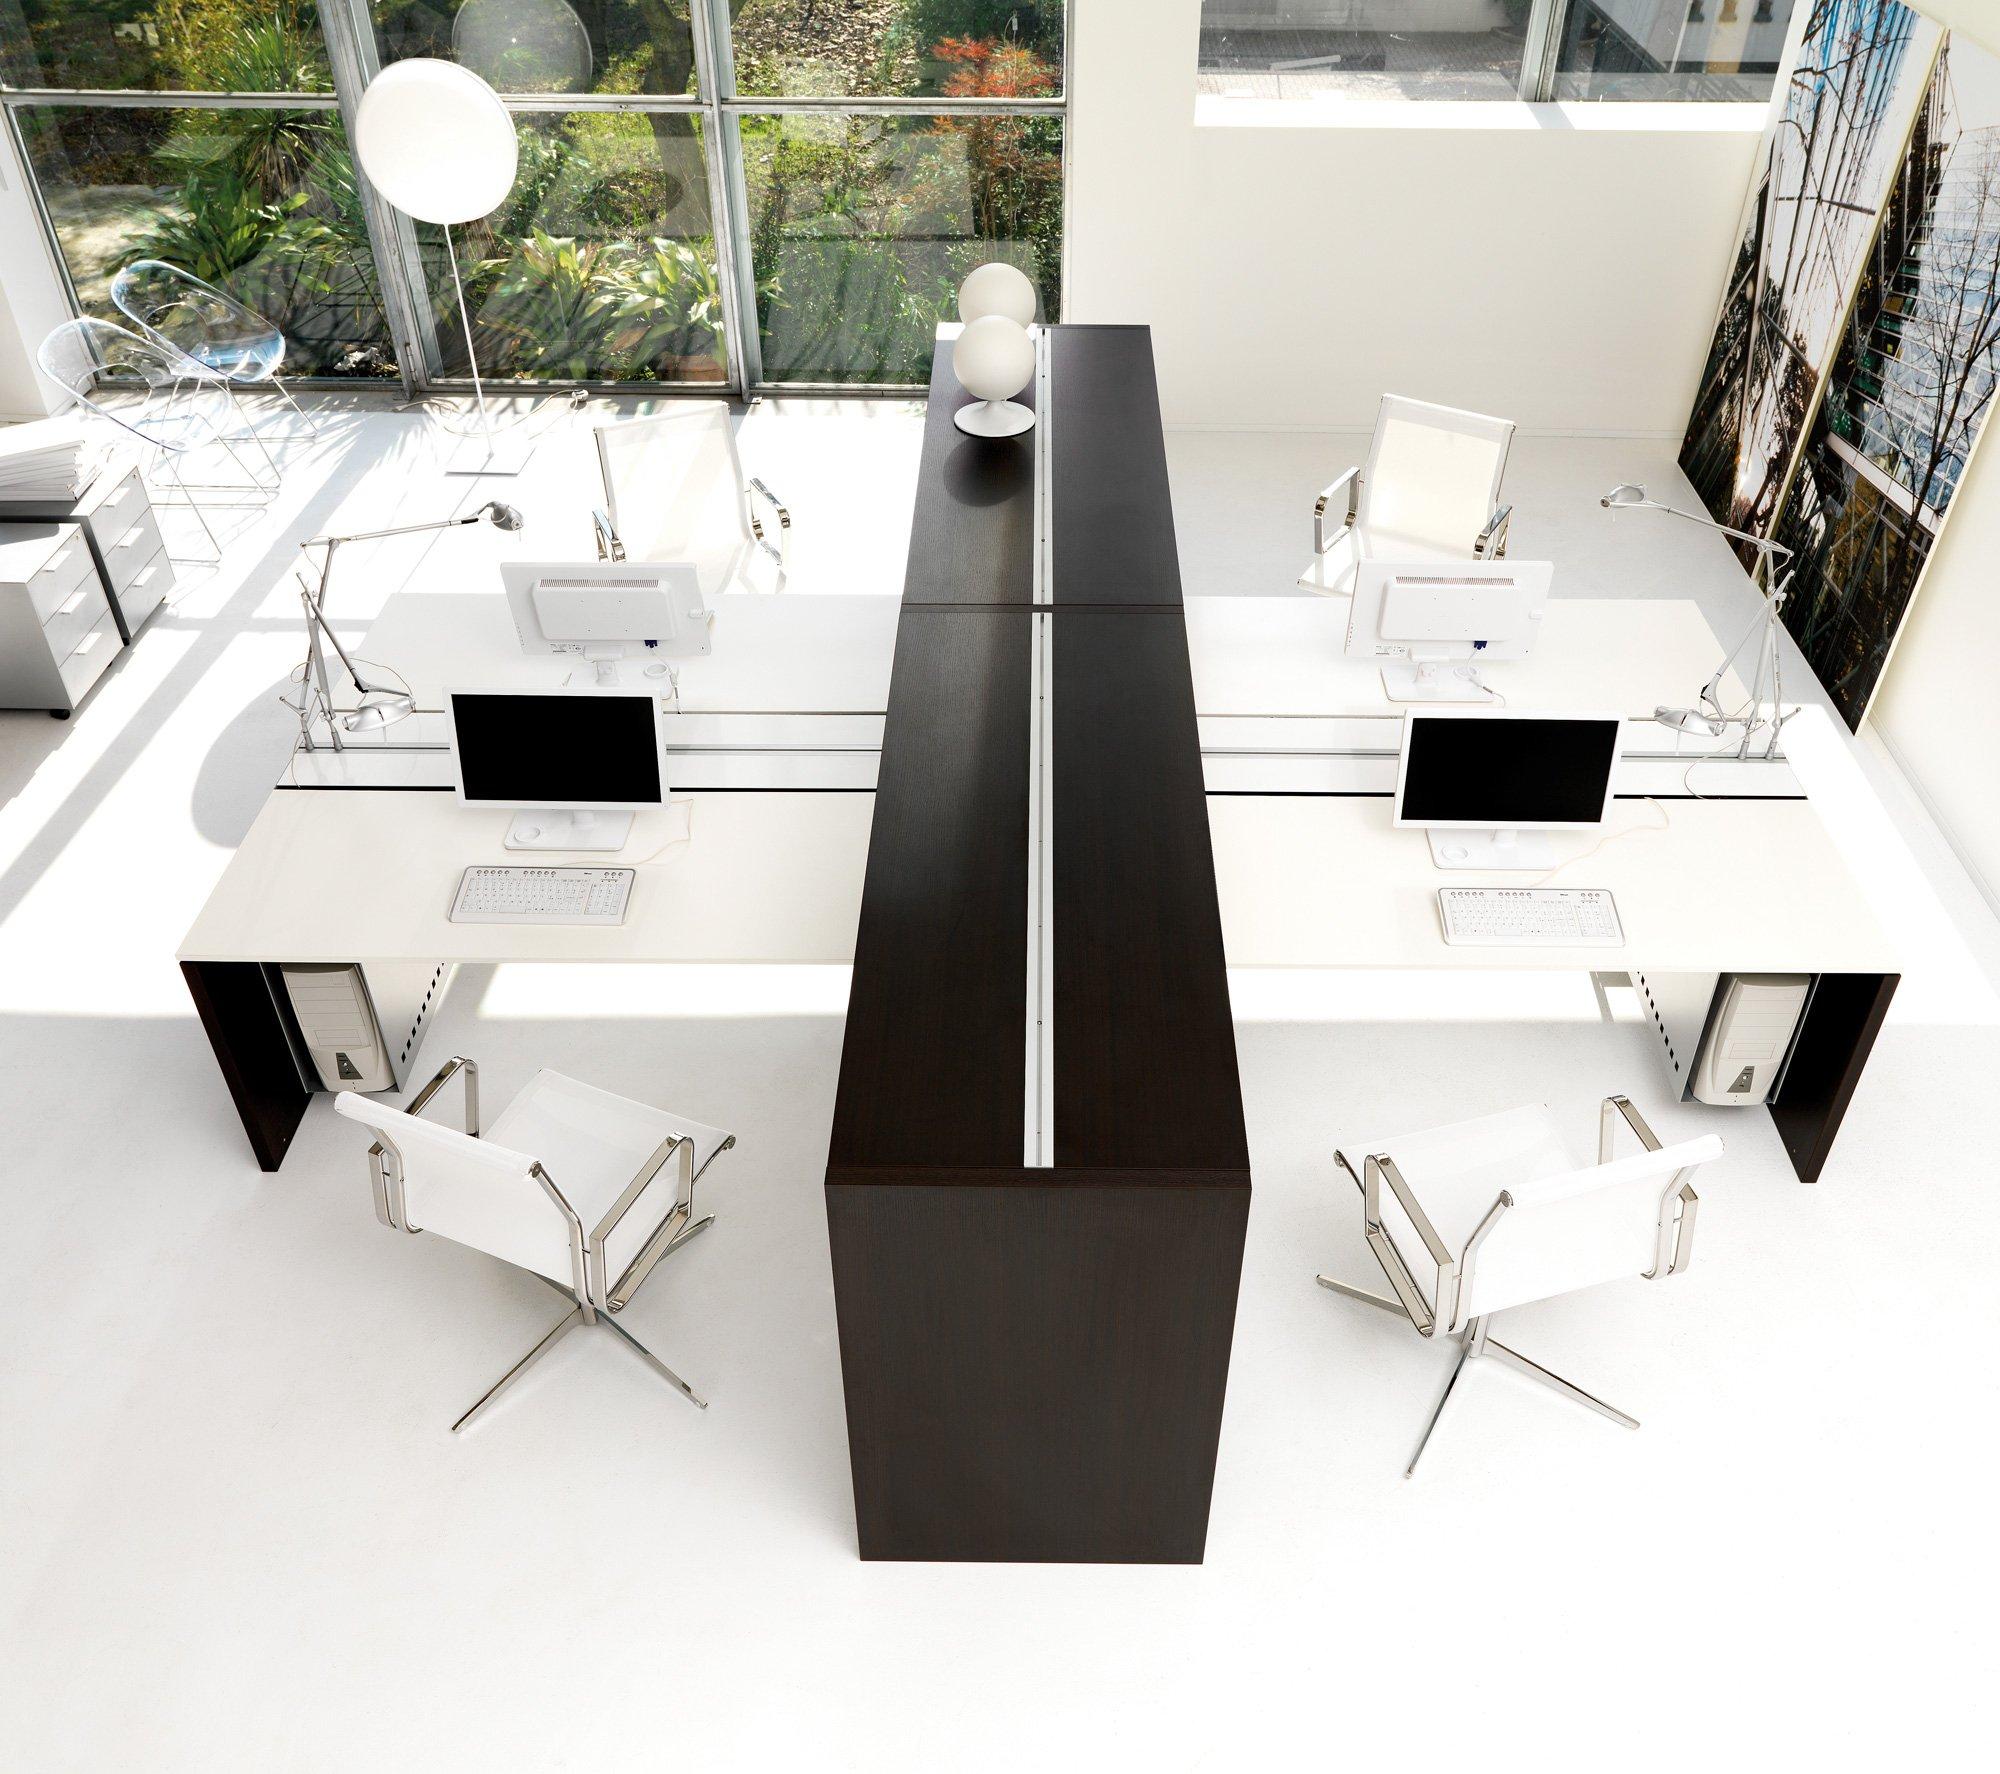 Mobili per ufficio operativo pratiko arredamento per ufficio for Uffici operativi